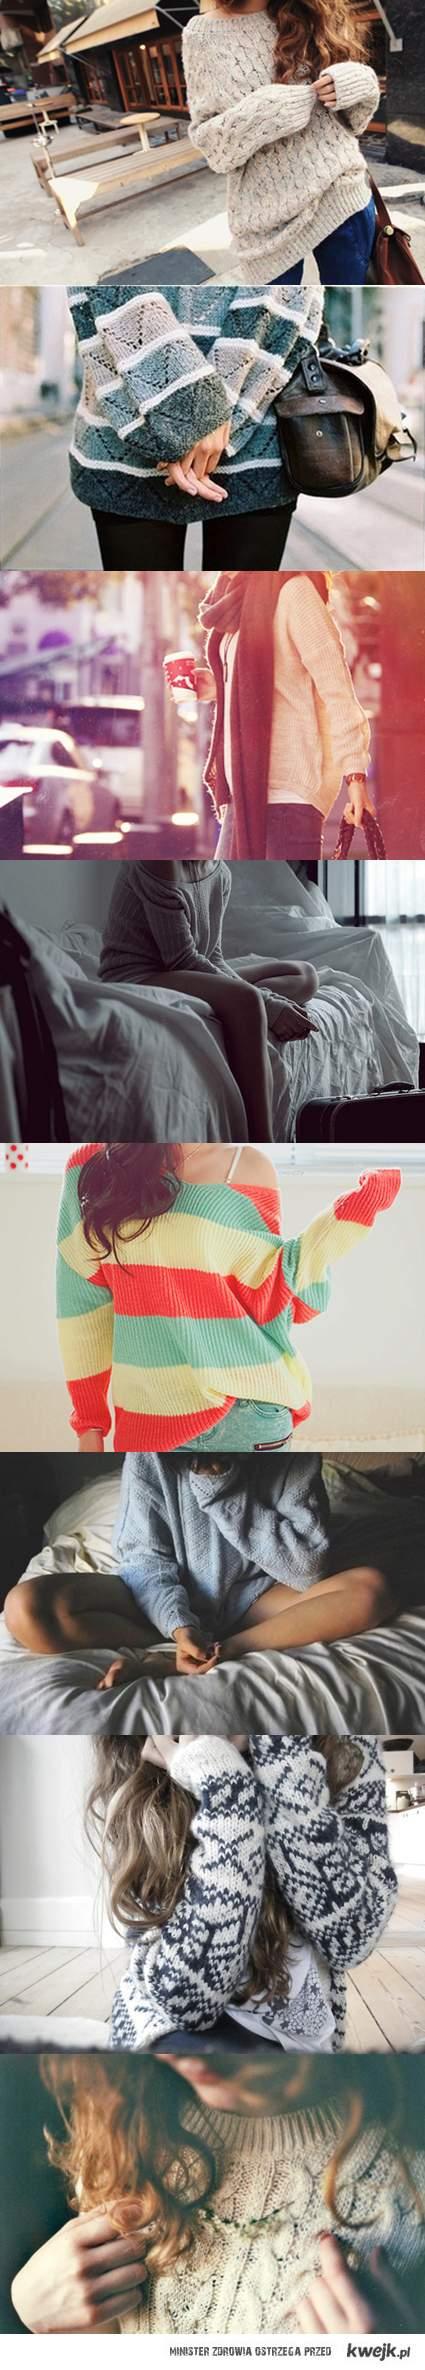 wełniane swetry są urocze <3